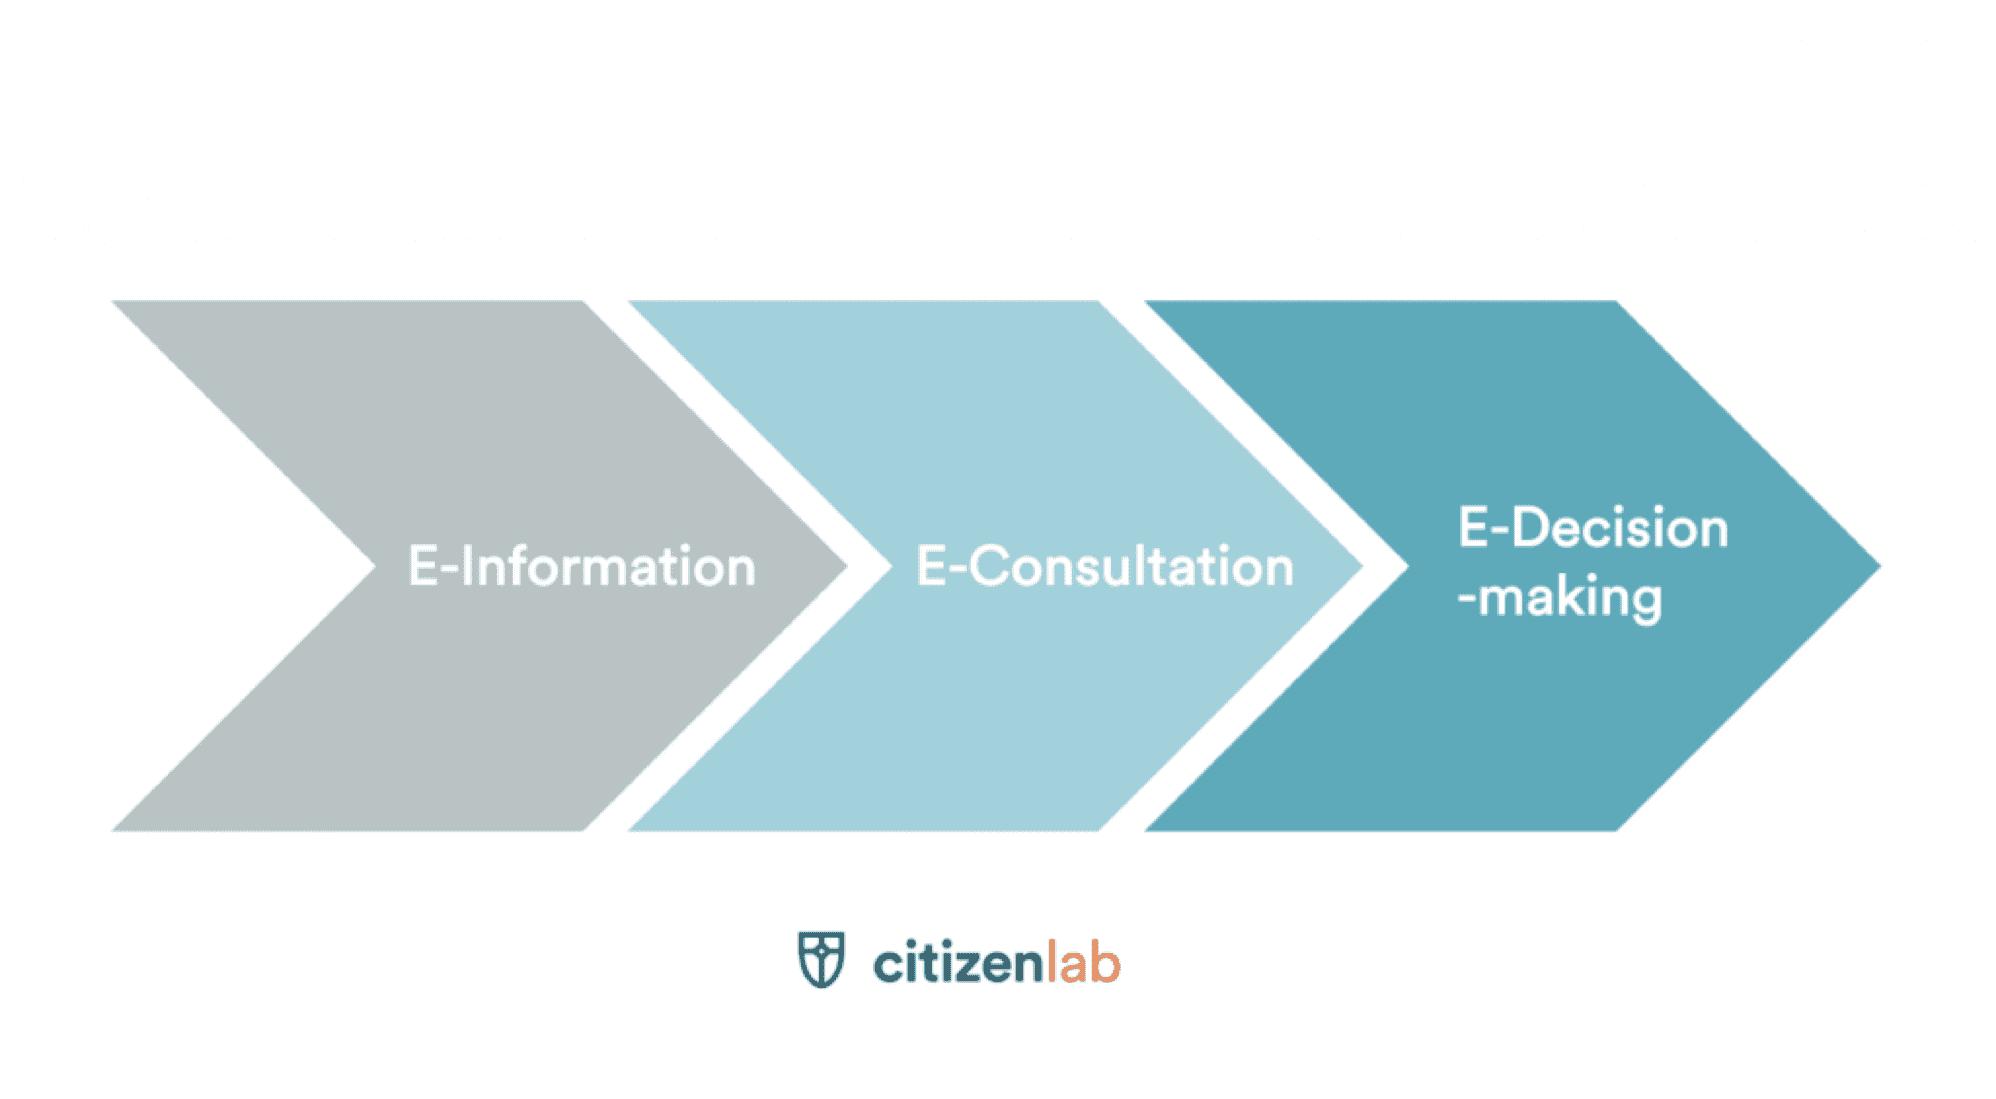 Der Rahmen mithilfe dessen Sie ePartizipation verstehen werden